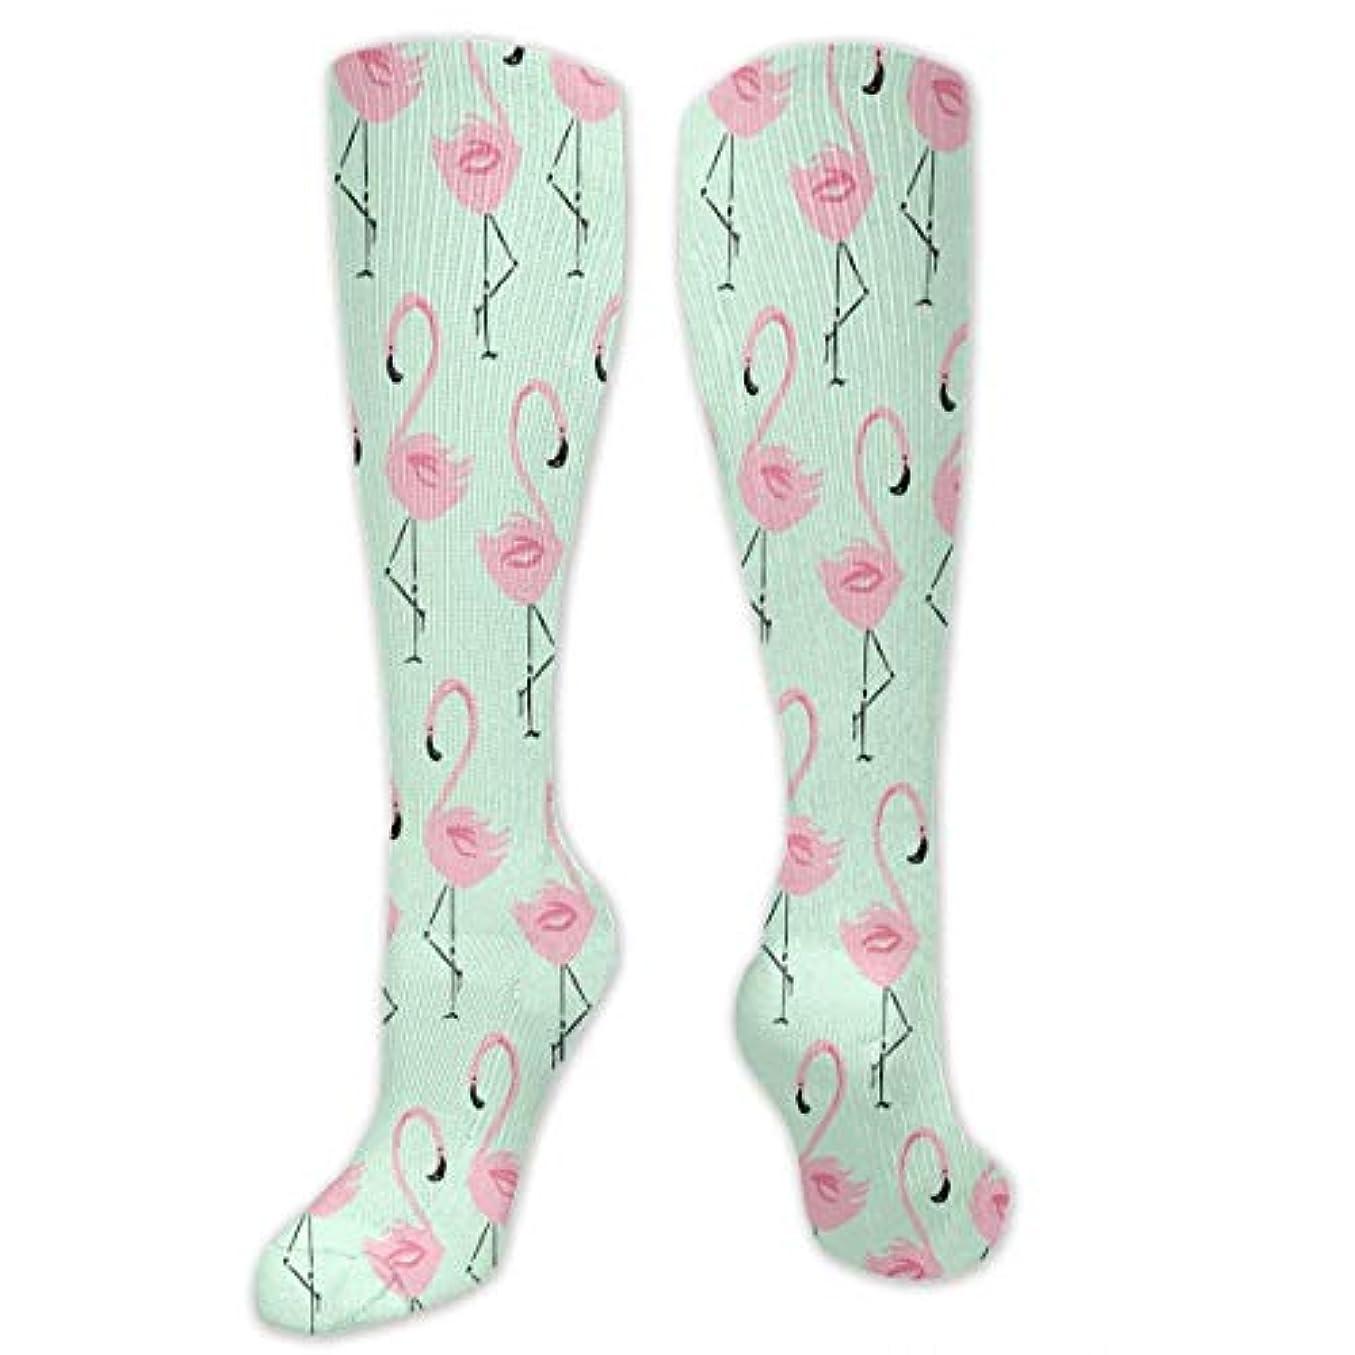 届けるパスタセットアップ靴下,ストッキング,野生のジョーカー,実際,秋の本質,冬必須,サマーウェア&RBXAA Flamingos Socks Women's Winter Cotton Long Tube Socks Knee High Graduated...